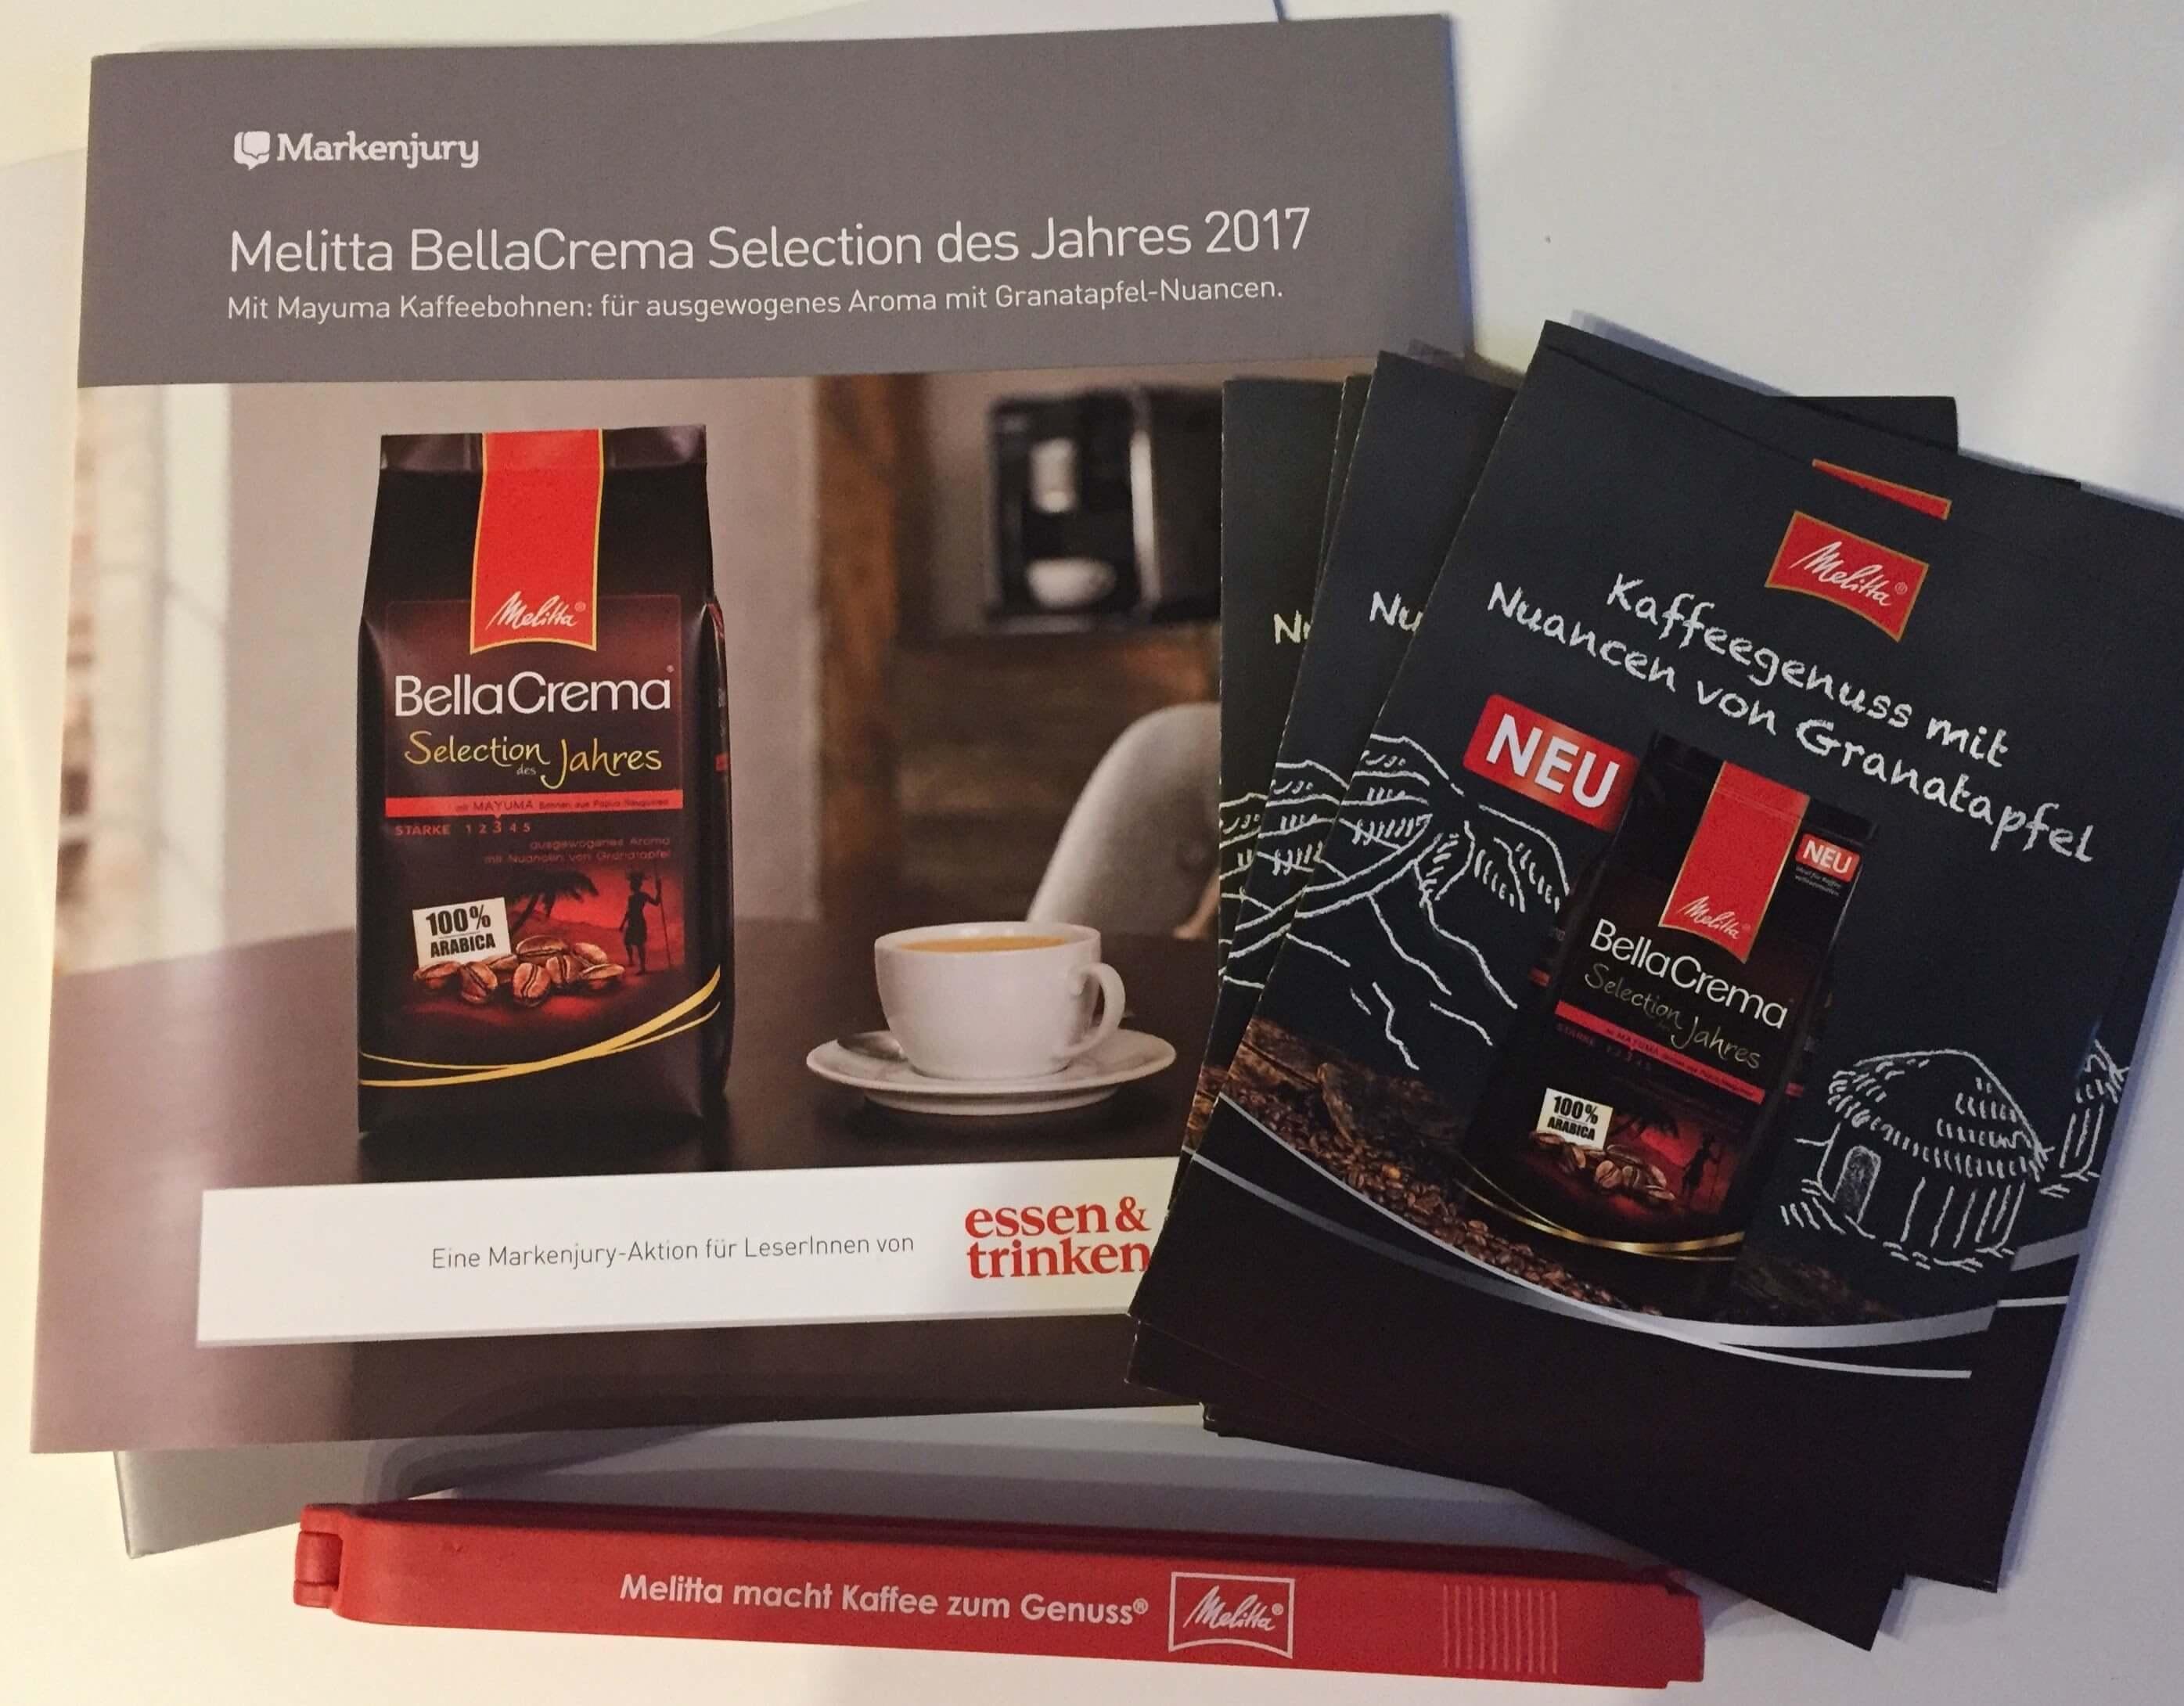 Markenjury Handbuch, Flyer, Genuss-Verschluss